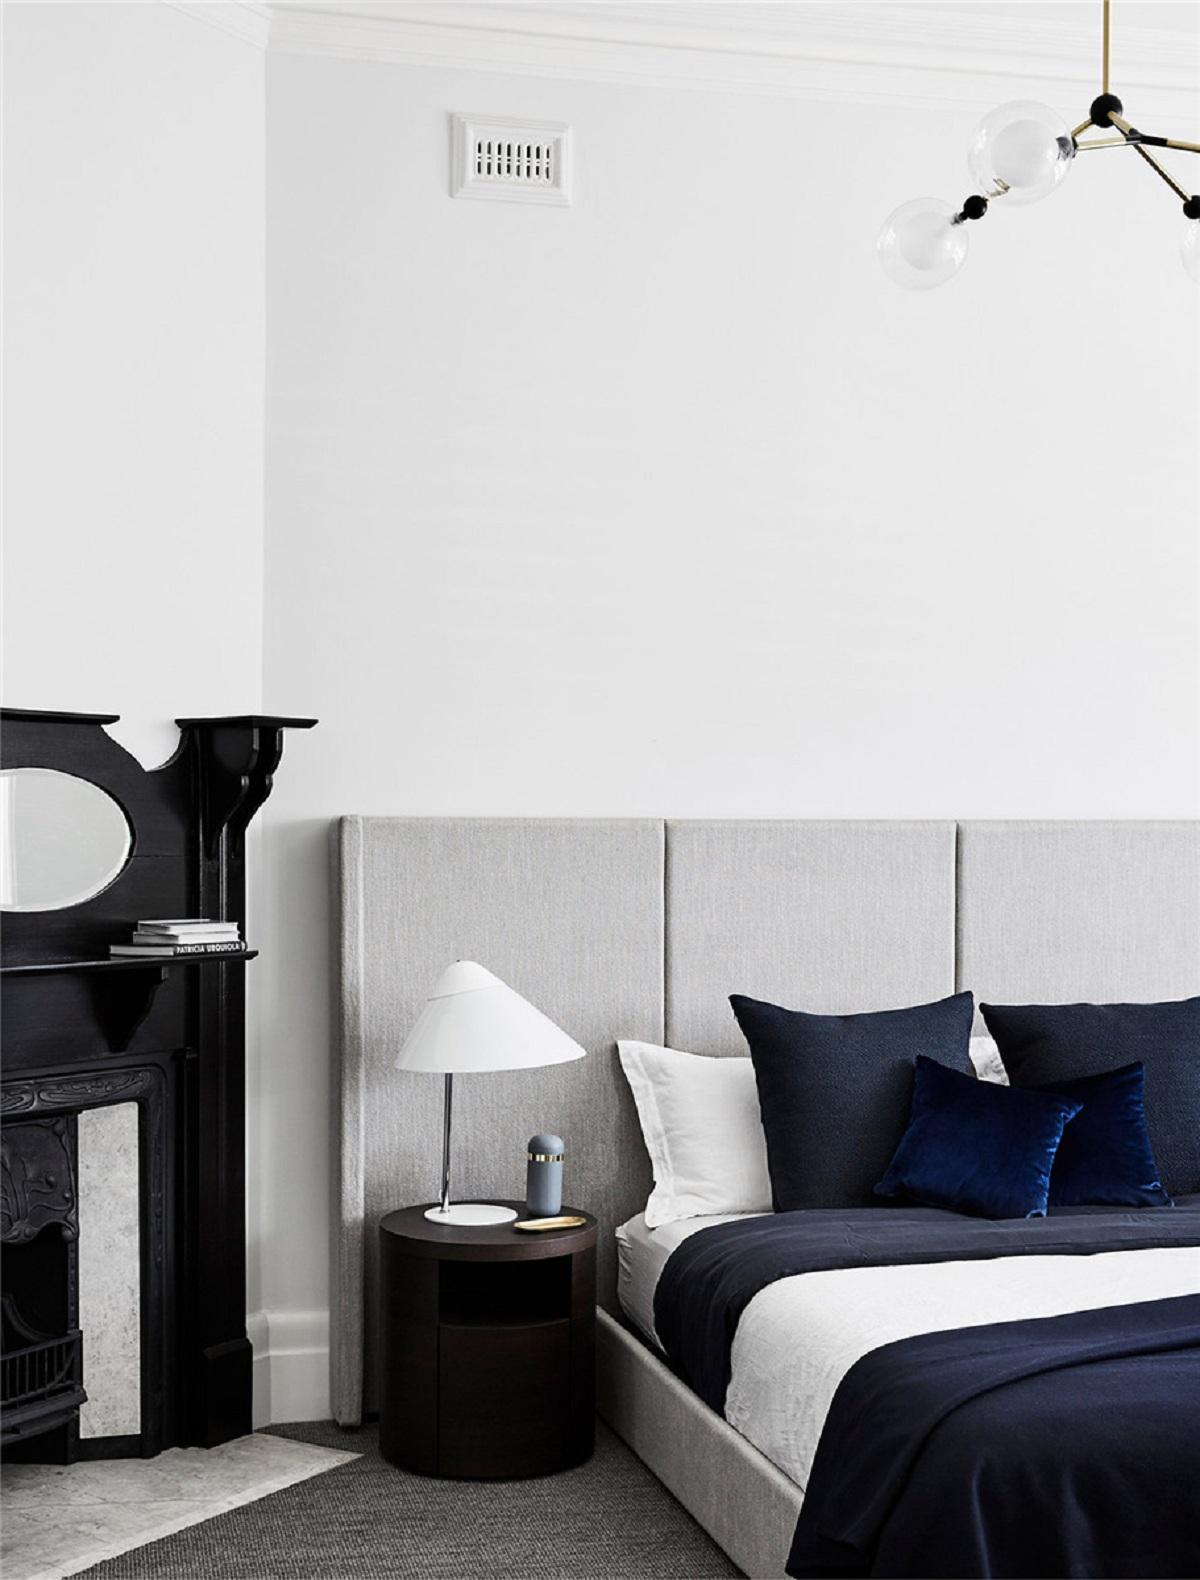 苏州89平米卧室装修效果图